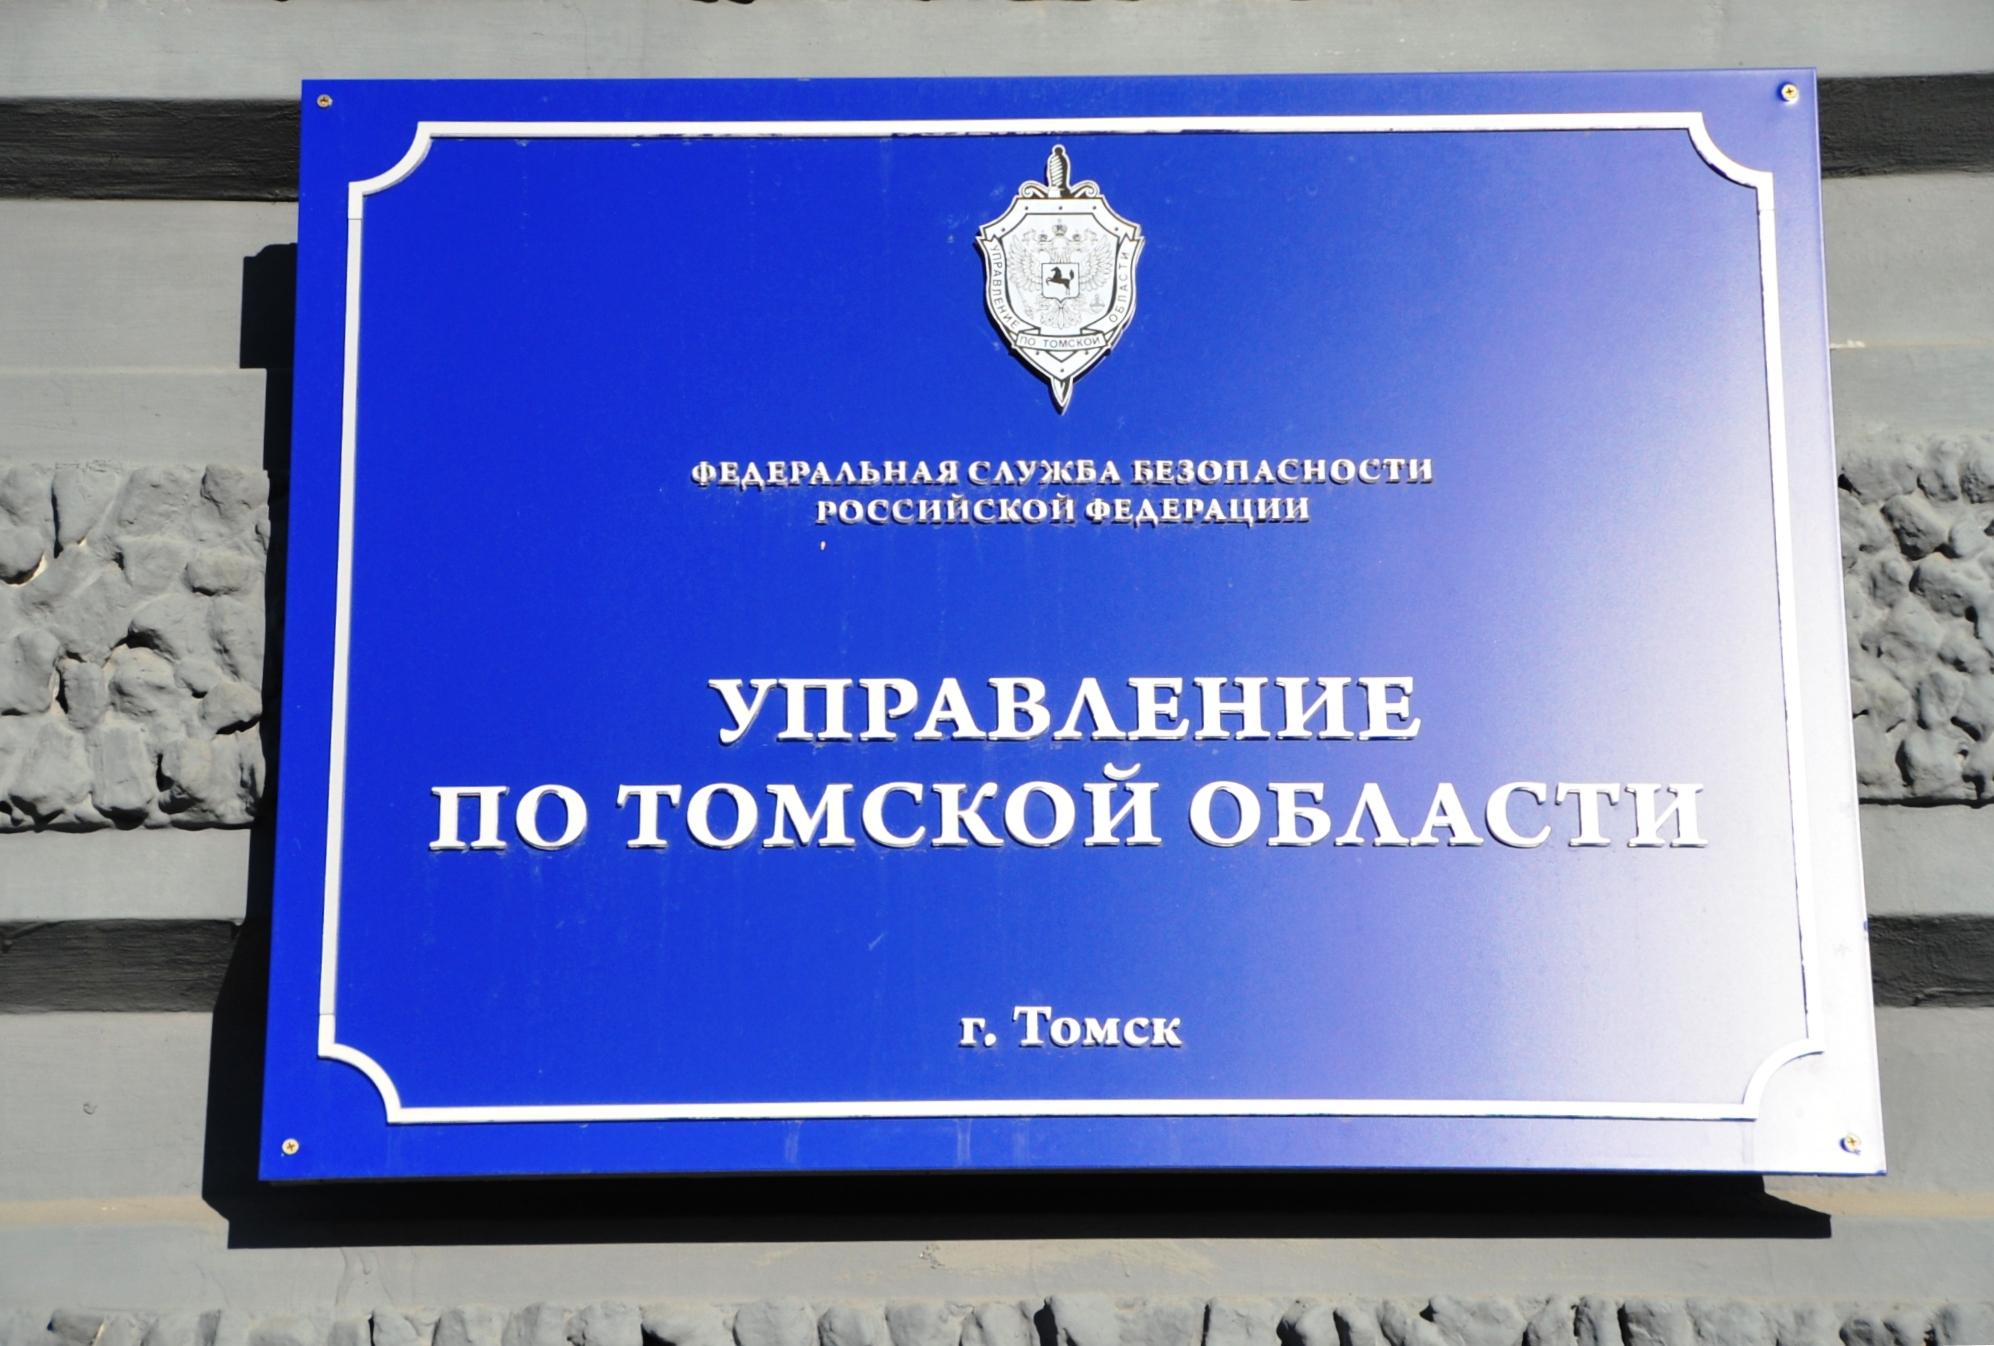 В УФСБ России по Томской области произошла смена руководства